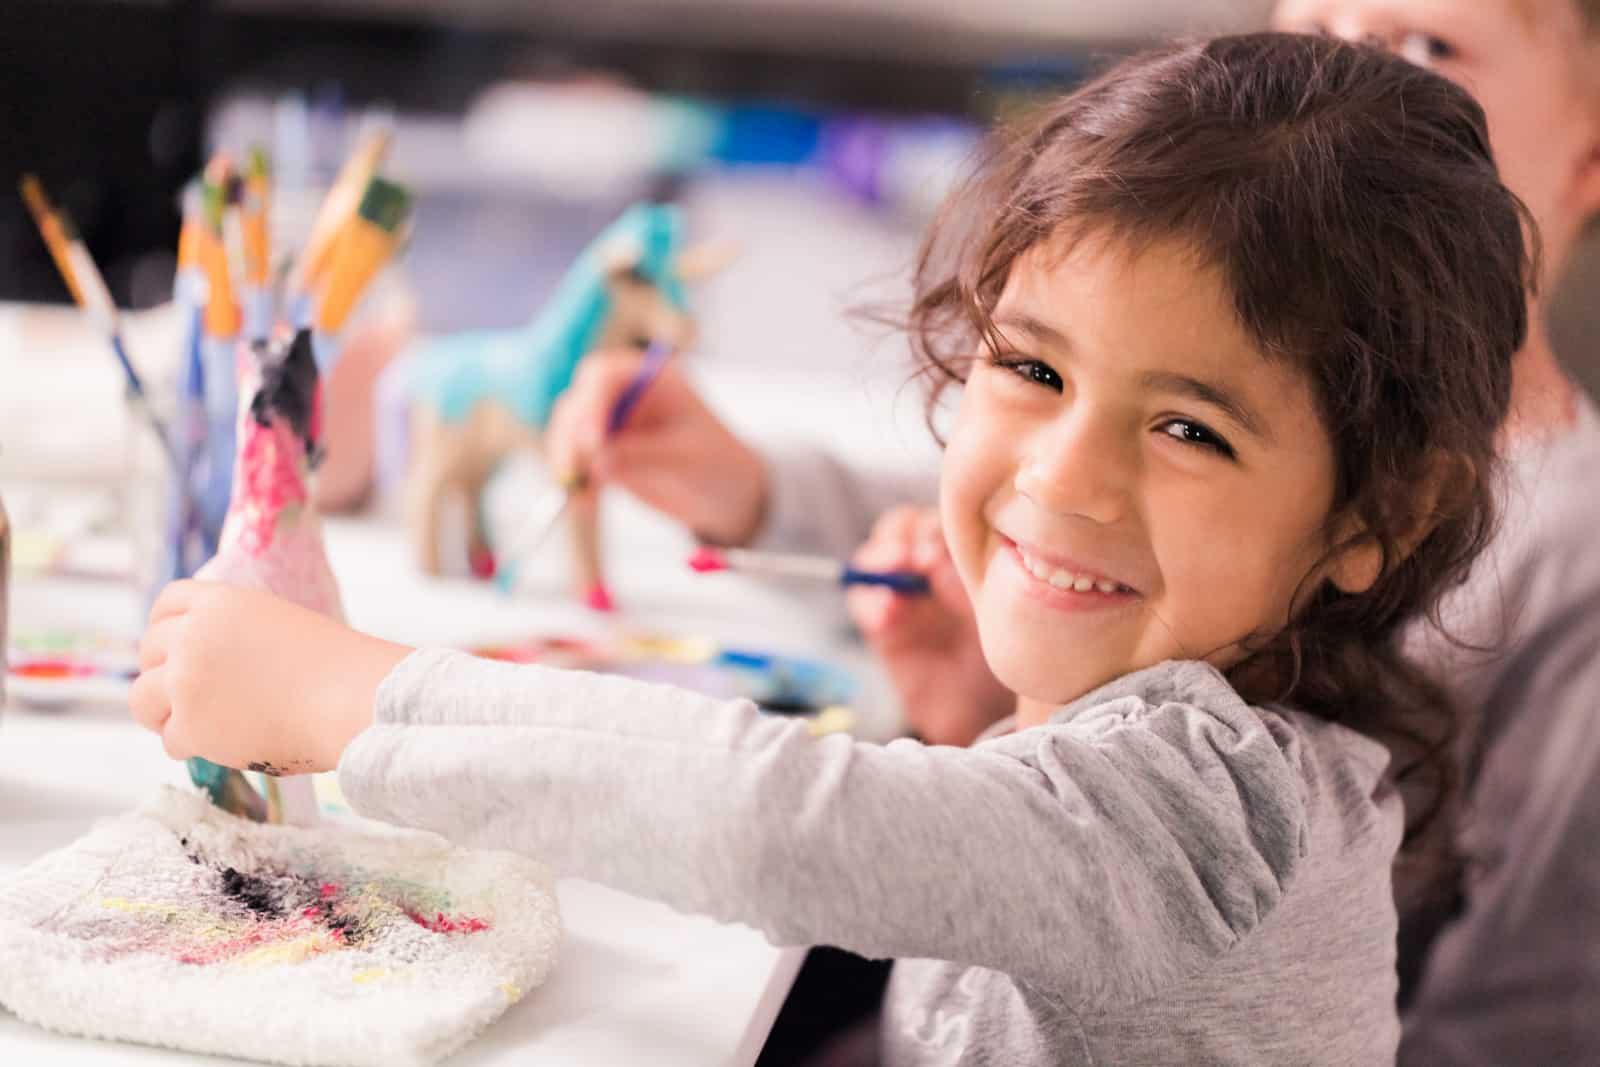 ein lächelndes Mädchen, das kreativ ist